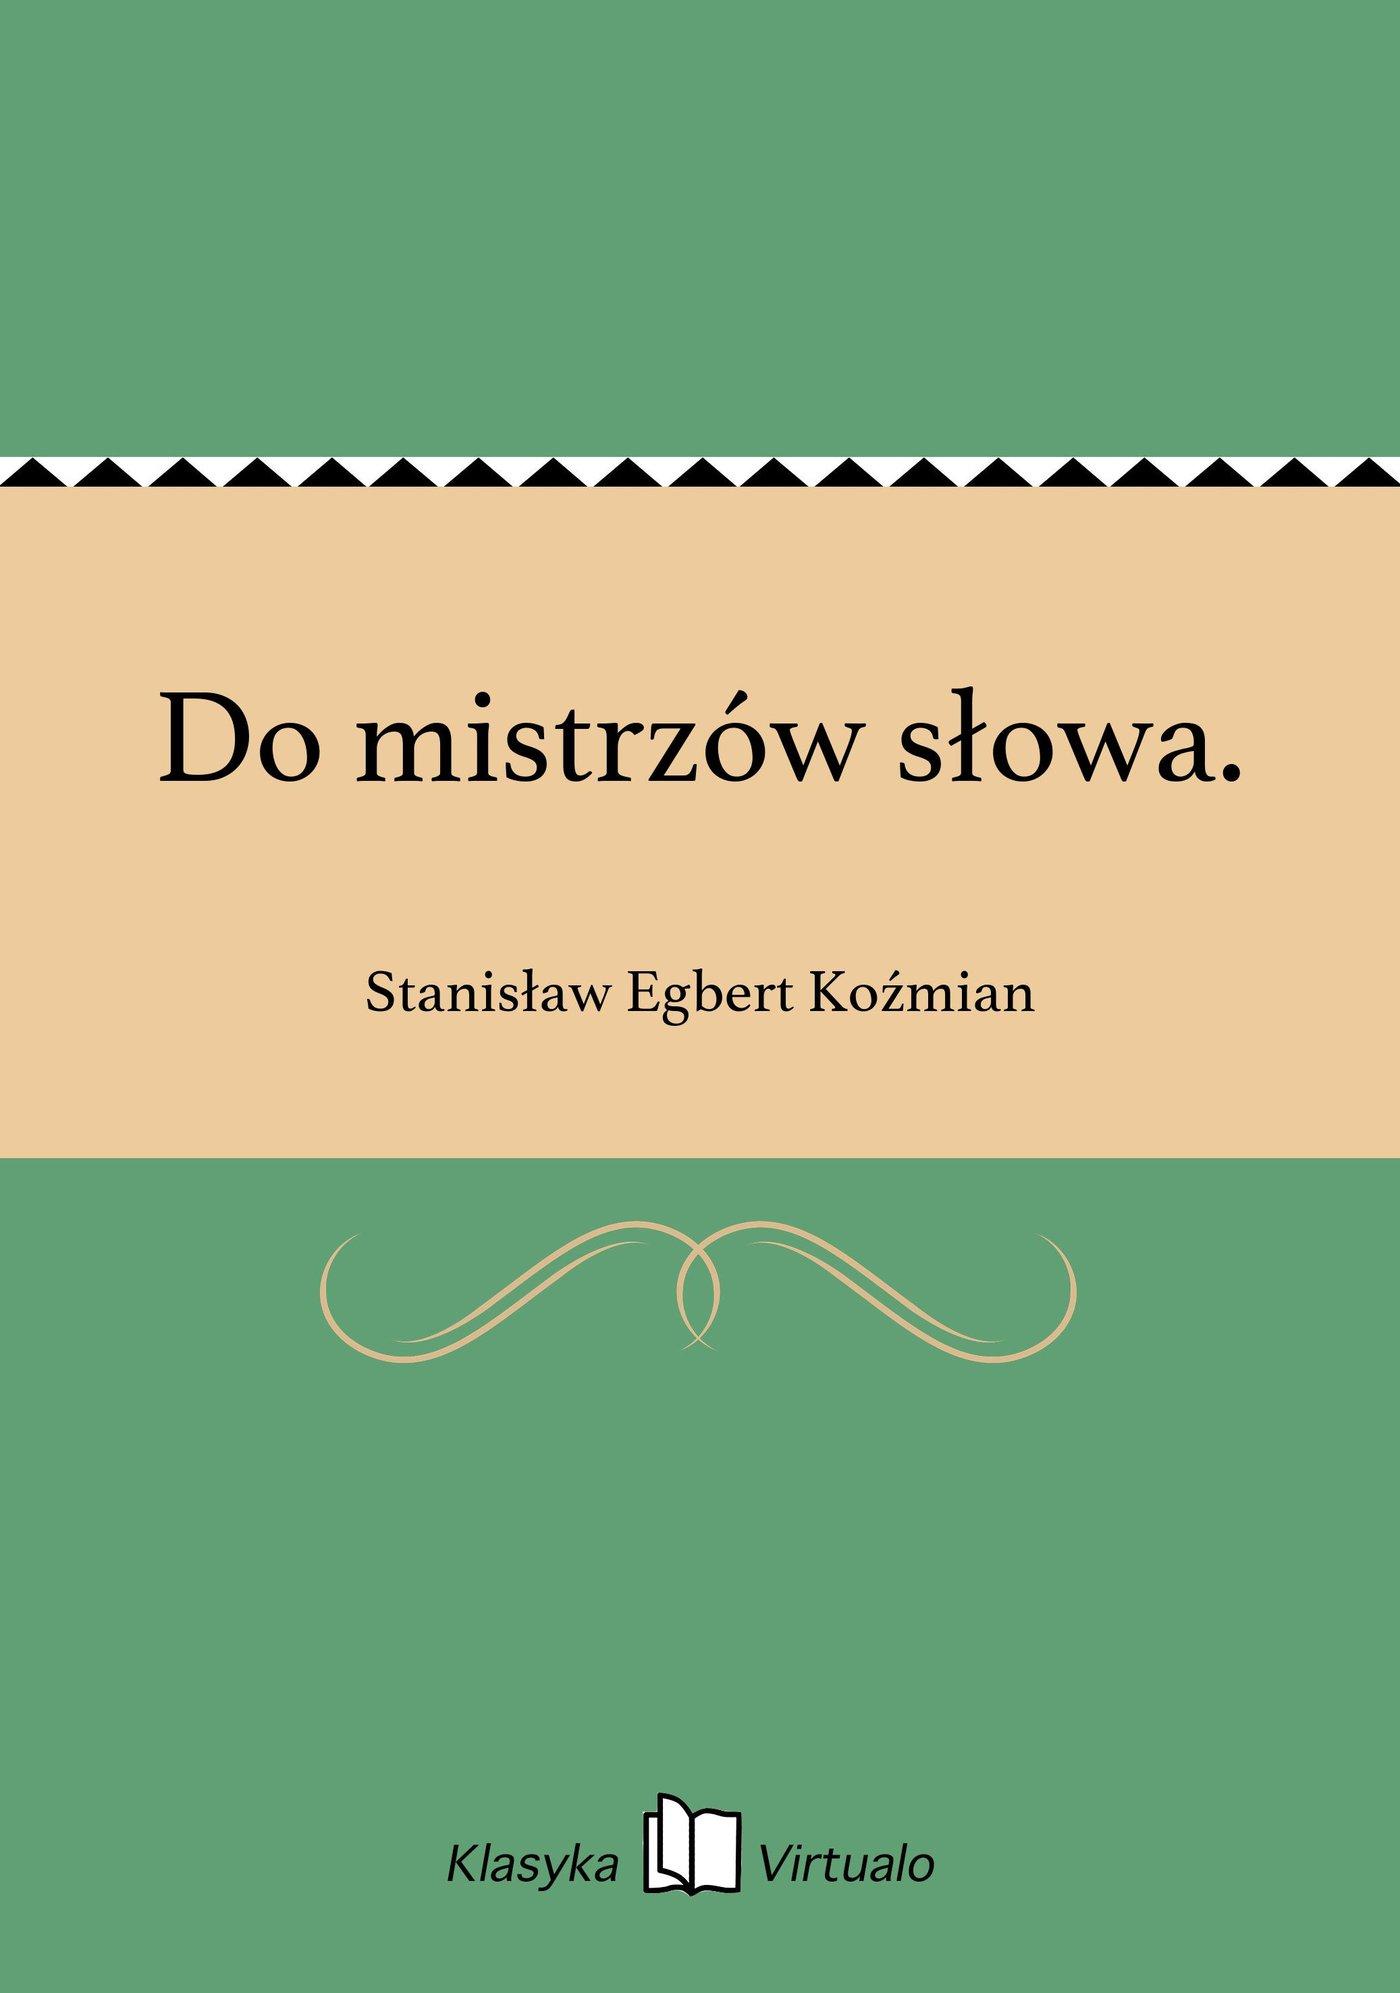 Do mistrzów słowa. - Ebook (Książka EPUB) do pobrania w formacie EPUB